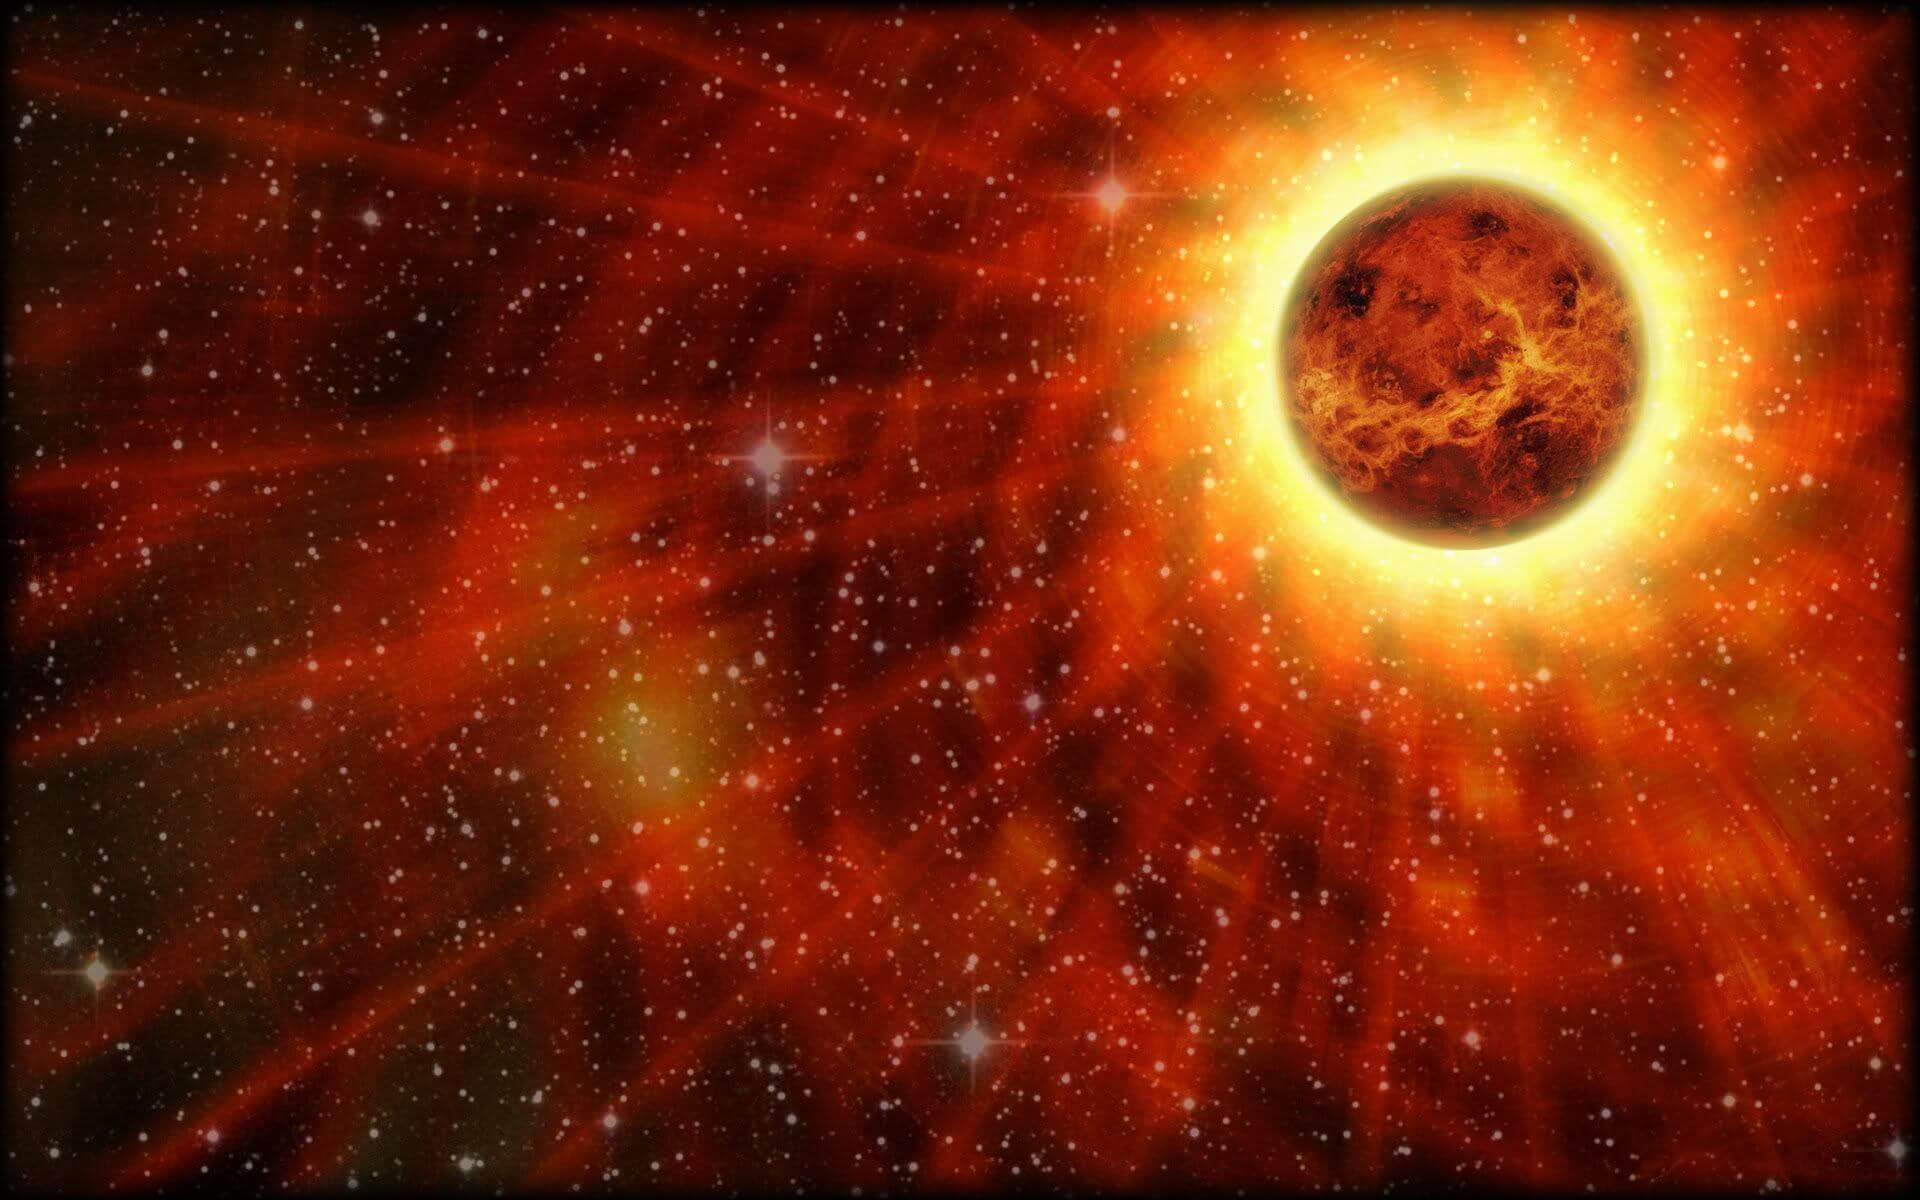 venus planet images - HD1920×1200